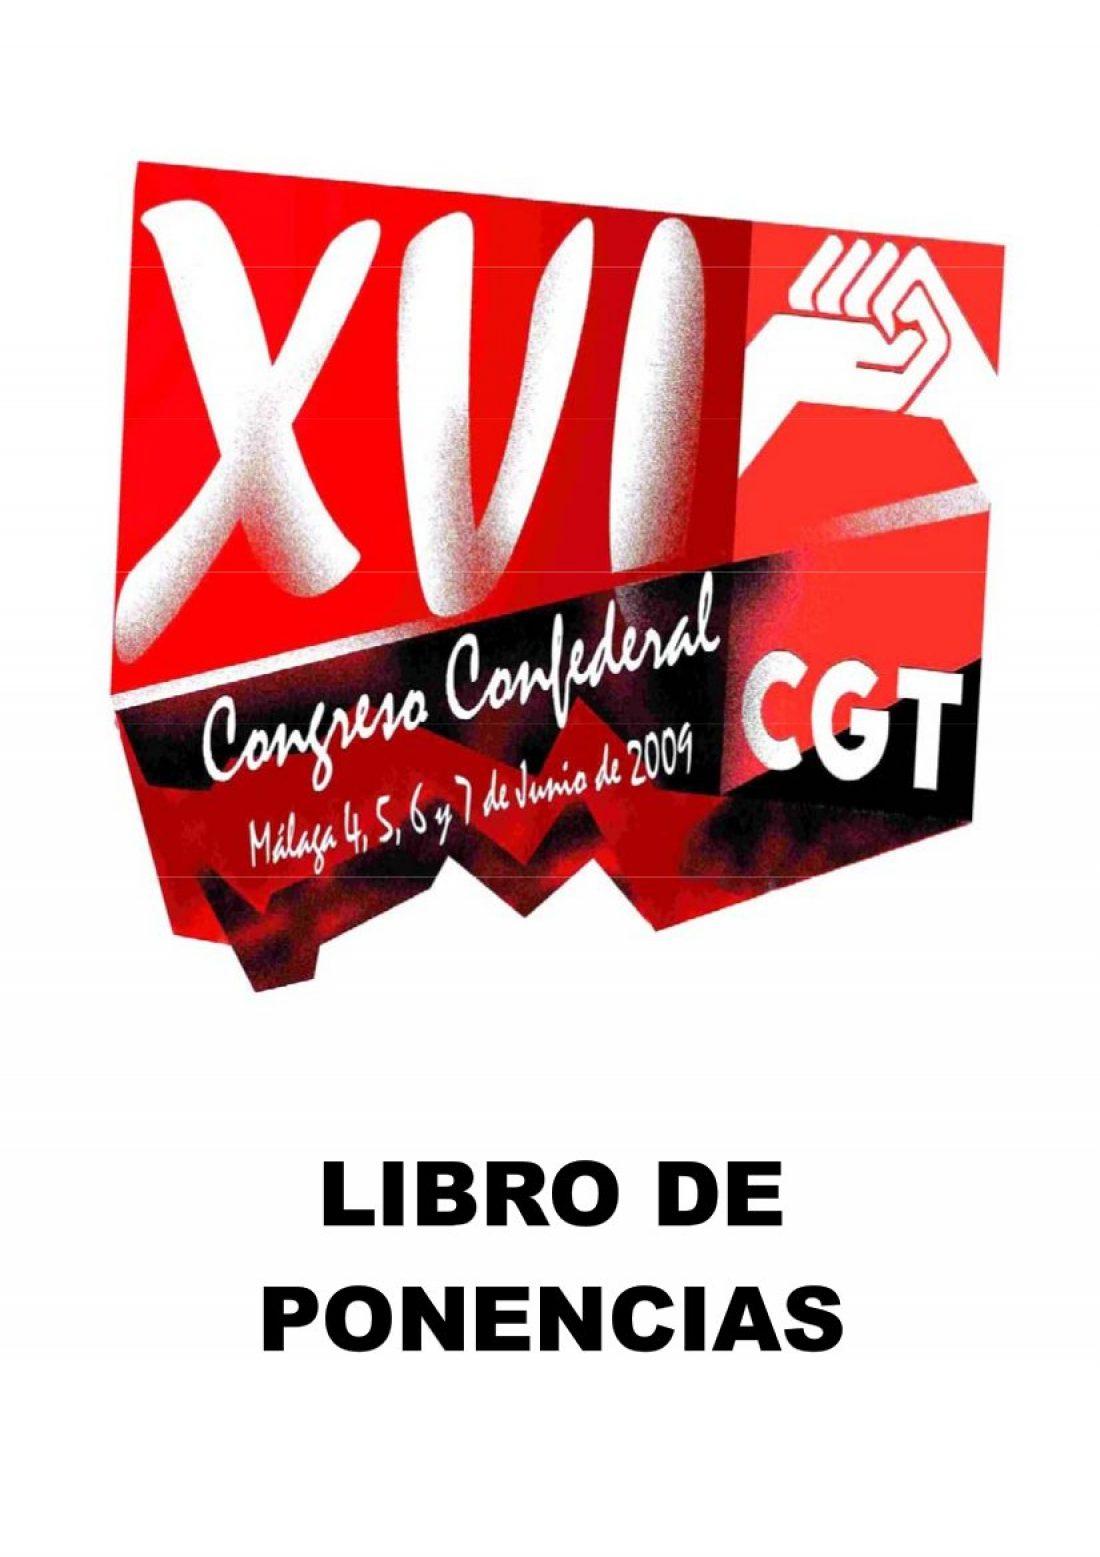 Libro de Ponencias XVI Congreso Confederal de la CGT. Dictamen de la Comisión Organizadora al respecto.